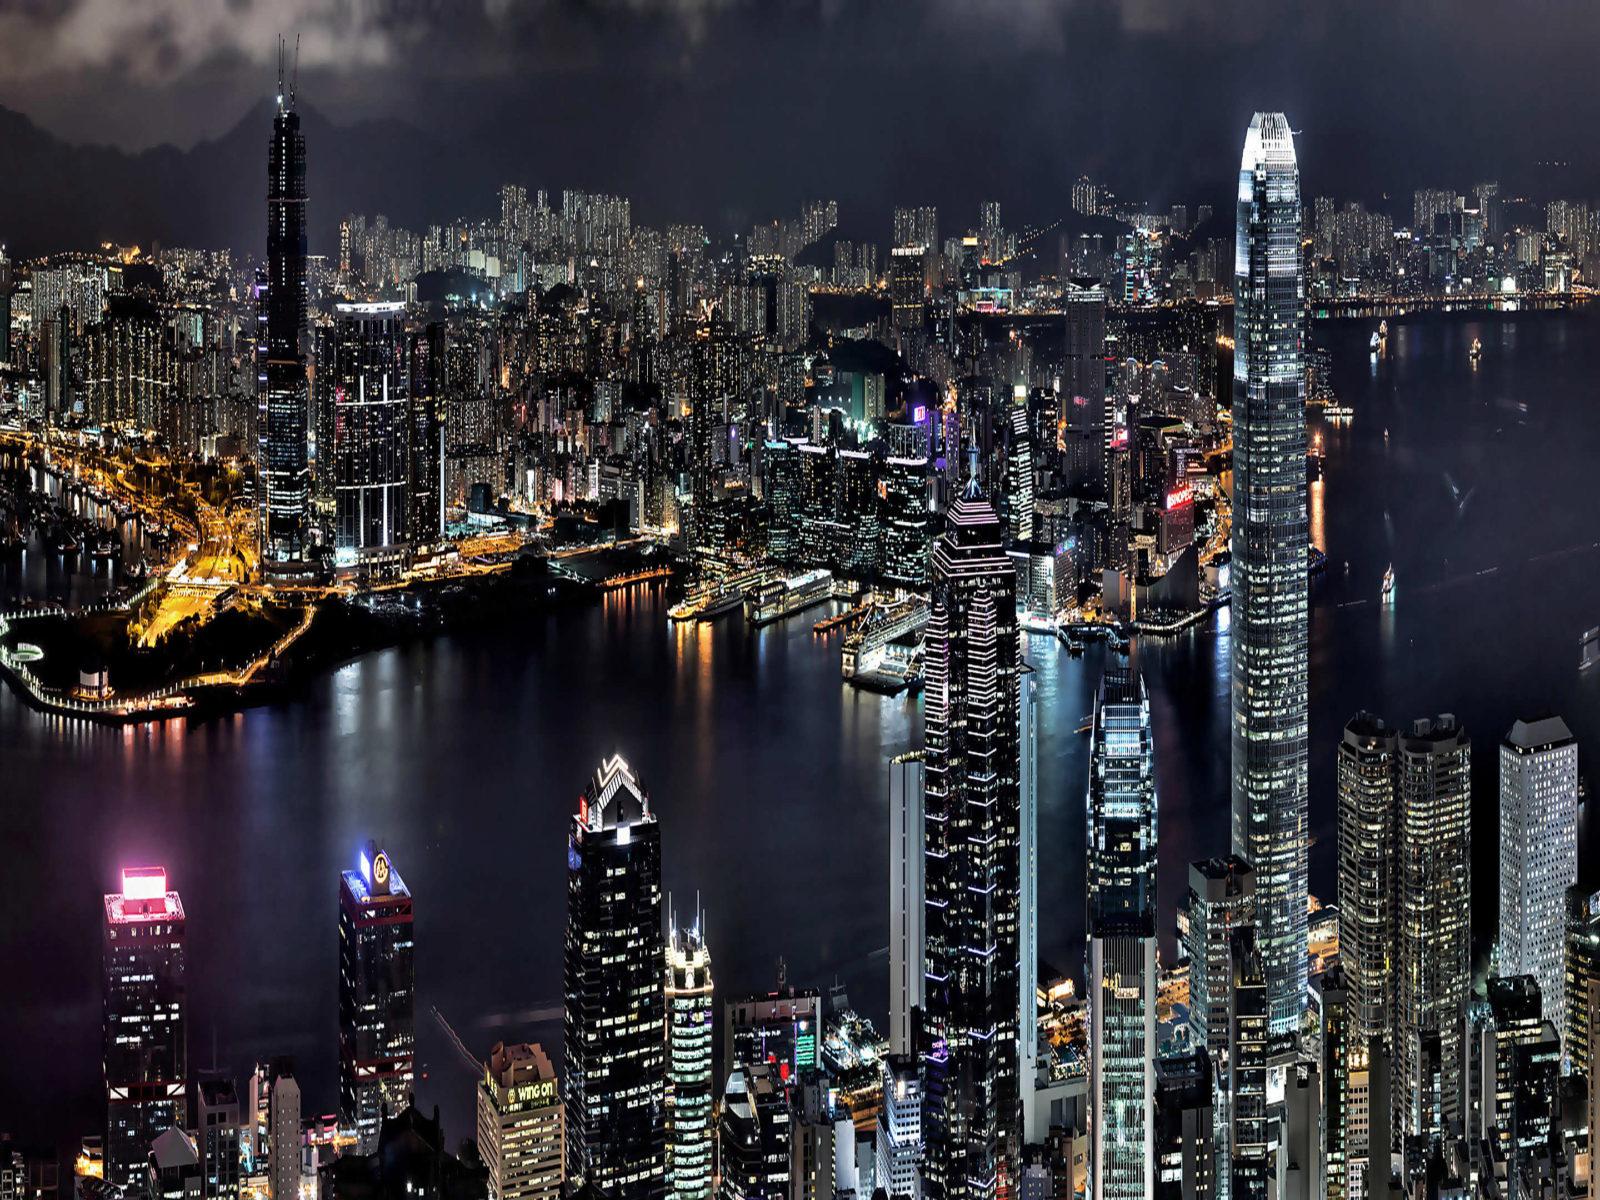 High Hd Wallpaper Download Asia City Hong Kong In China Look At Night Bay Boats